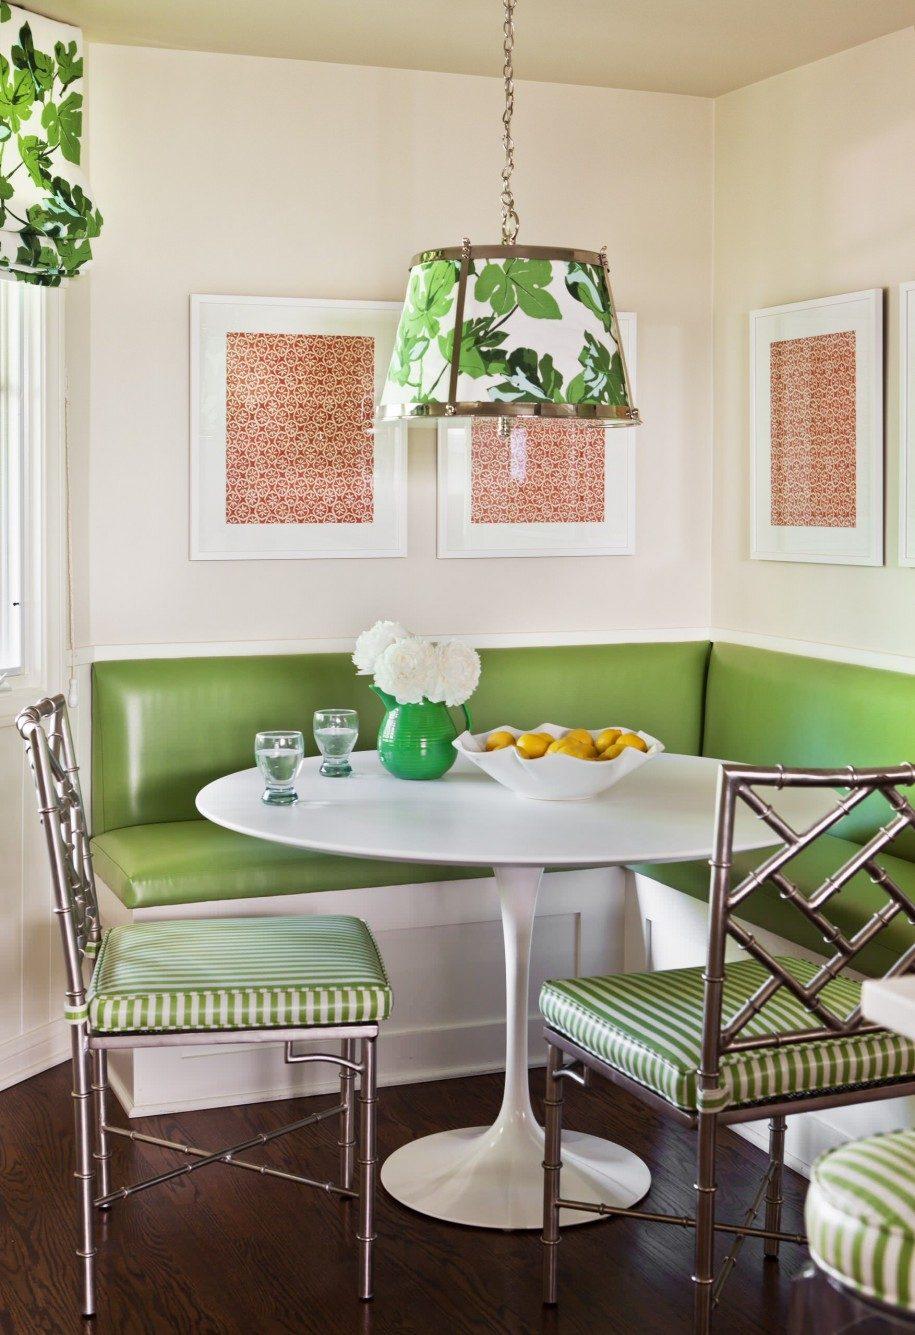 Декор и украшение кухонного стола. дизайн столов на кухне, ф.